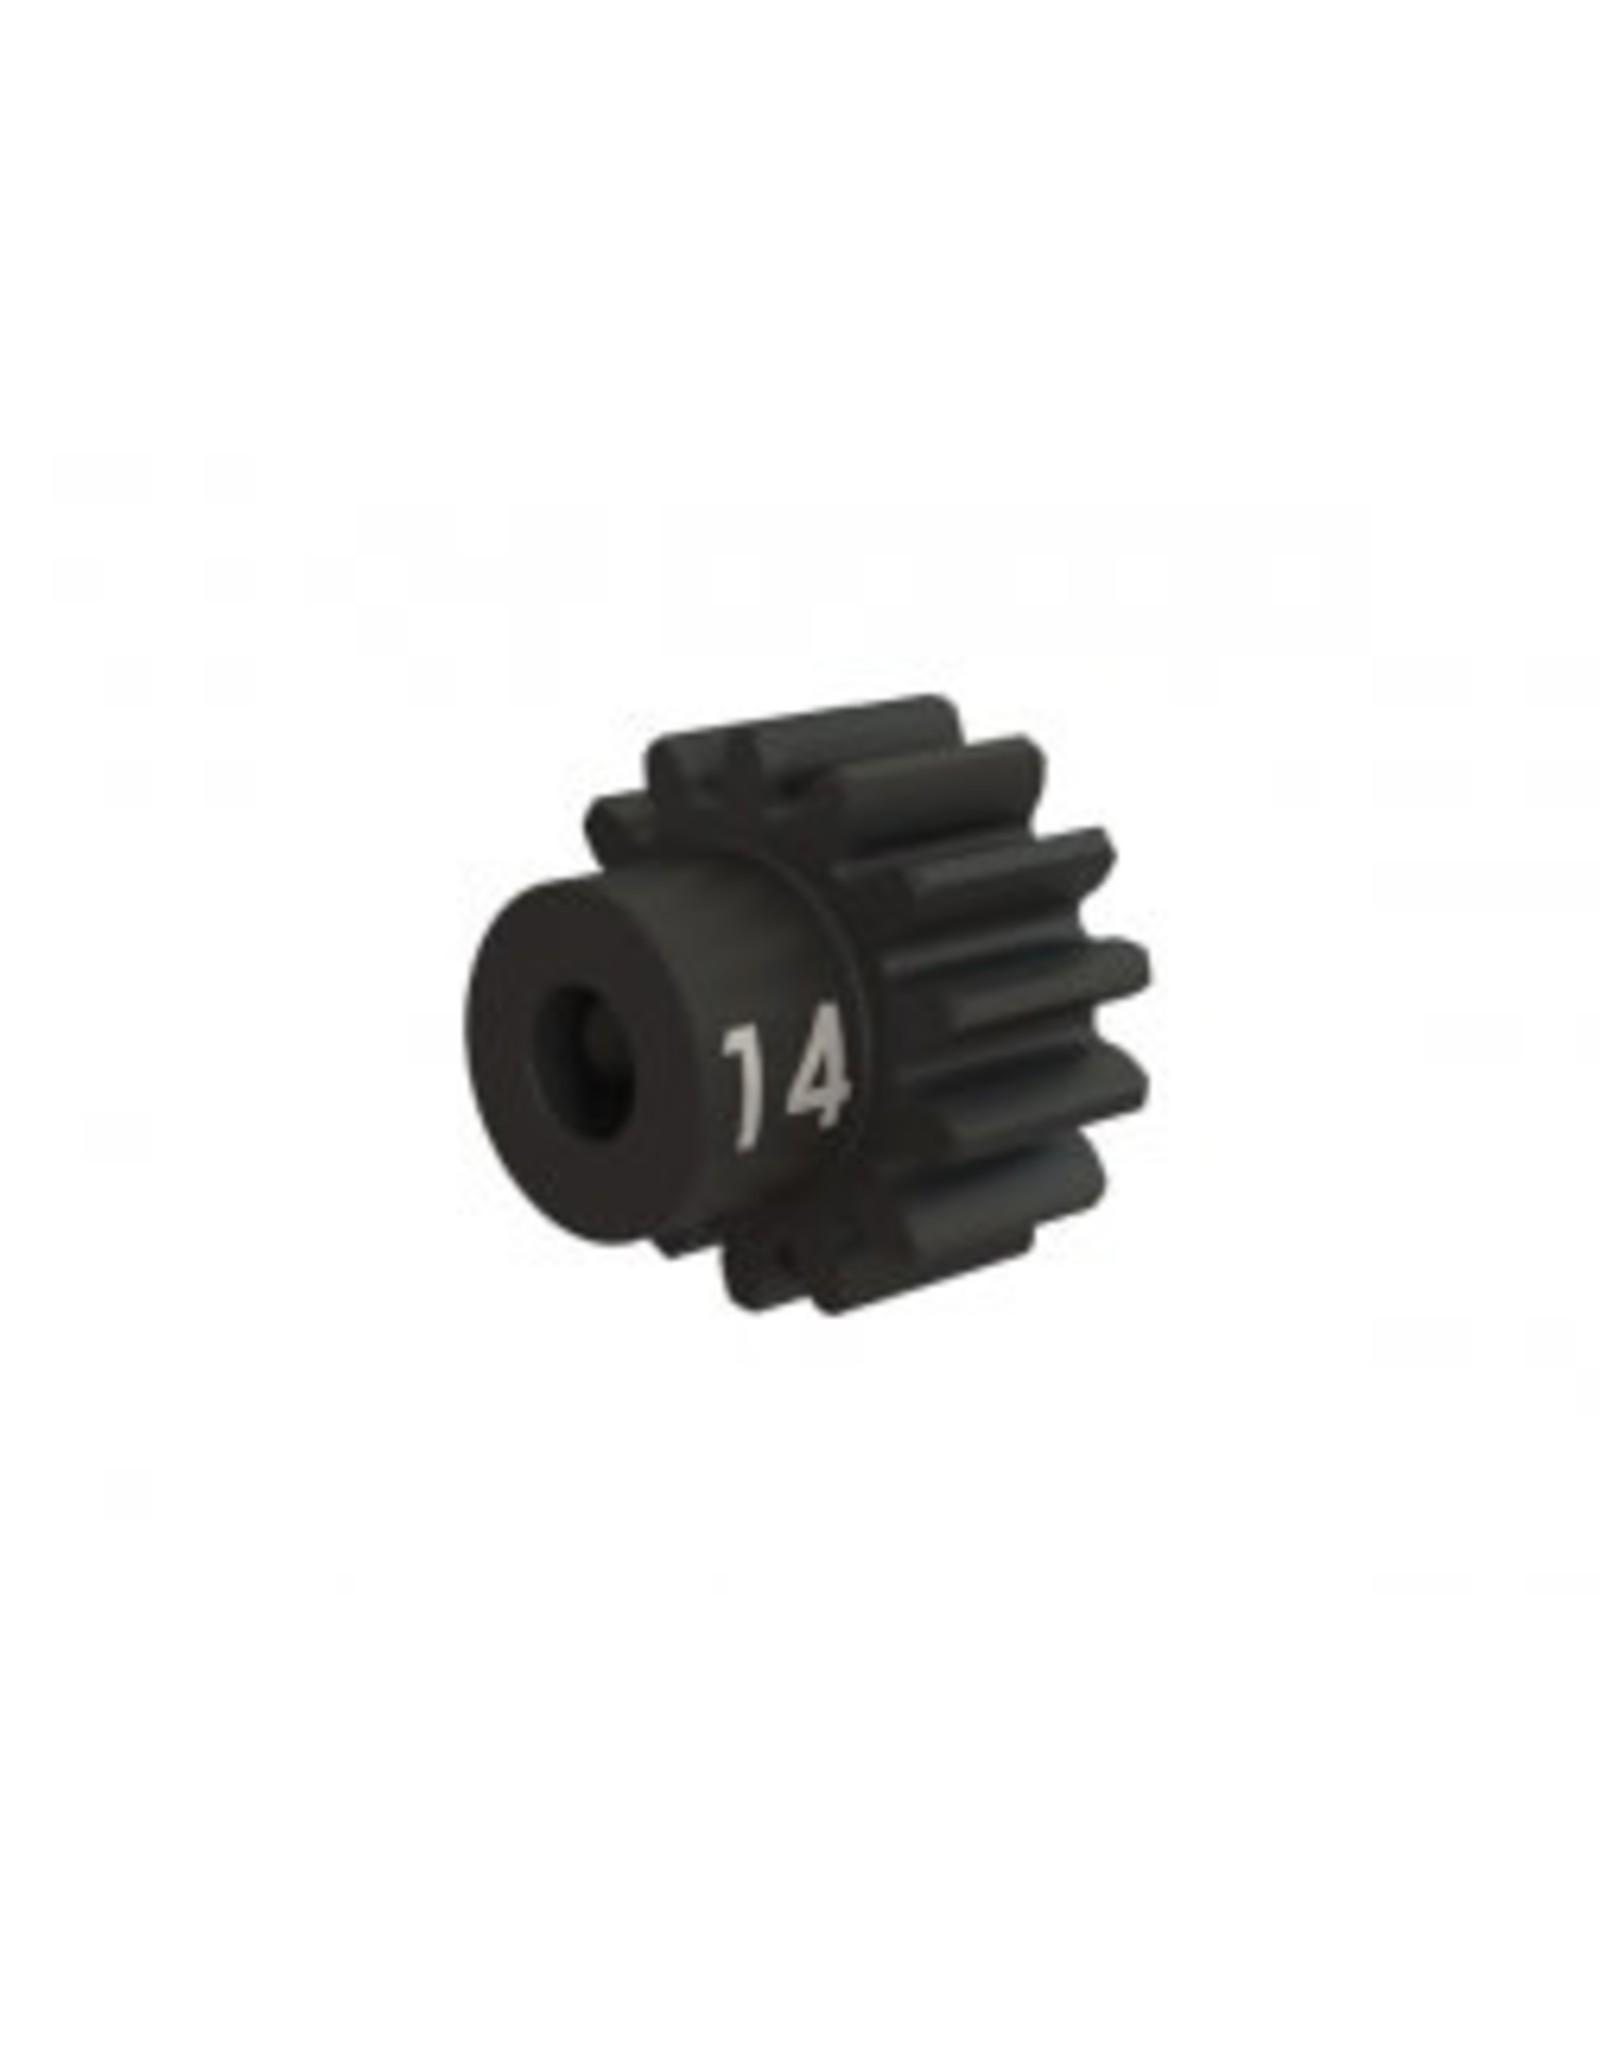 Traxxas Pinion Gear 14 T 32P HVY Duty 3944x